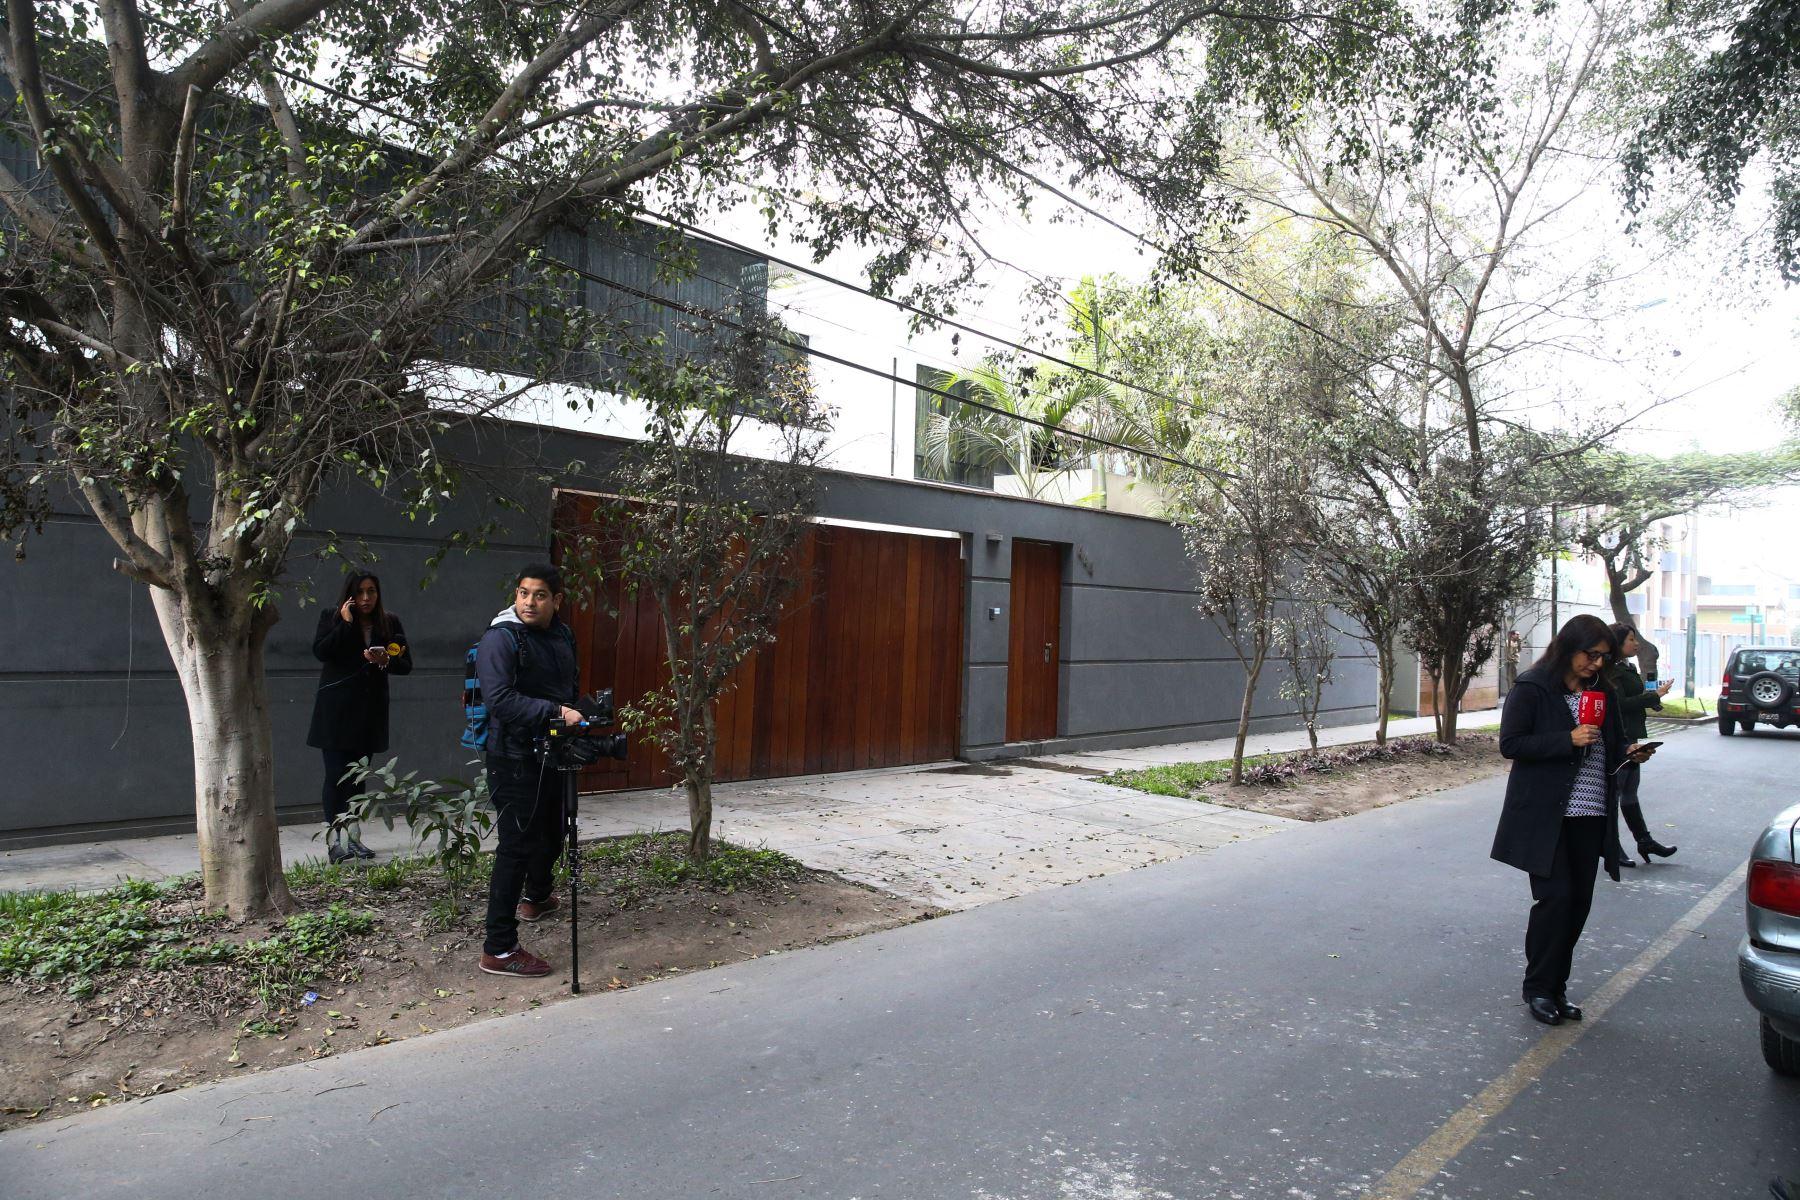 Un equipo de fiscales del equipo Lava Jato, liderado por Milagros Salazar, vienen realizado una diligencia de allanamiento a la vivienda del exalcalde de Lima, Luis Castañeda Lossio. Foto: ANDINA/ Vidal Tarqui